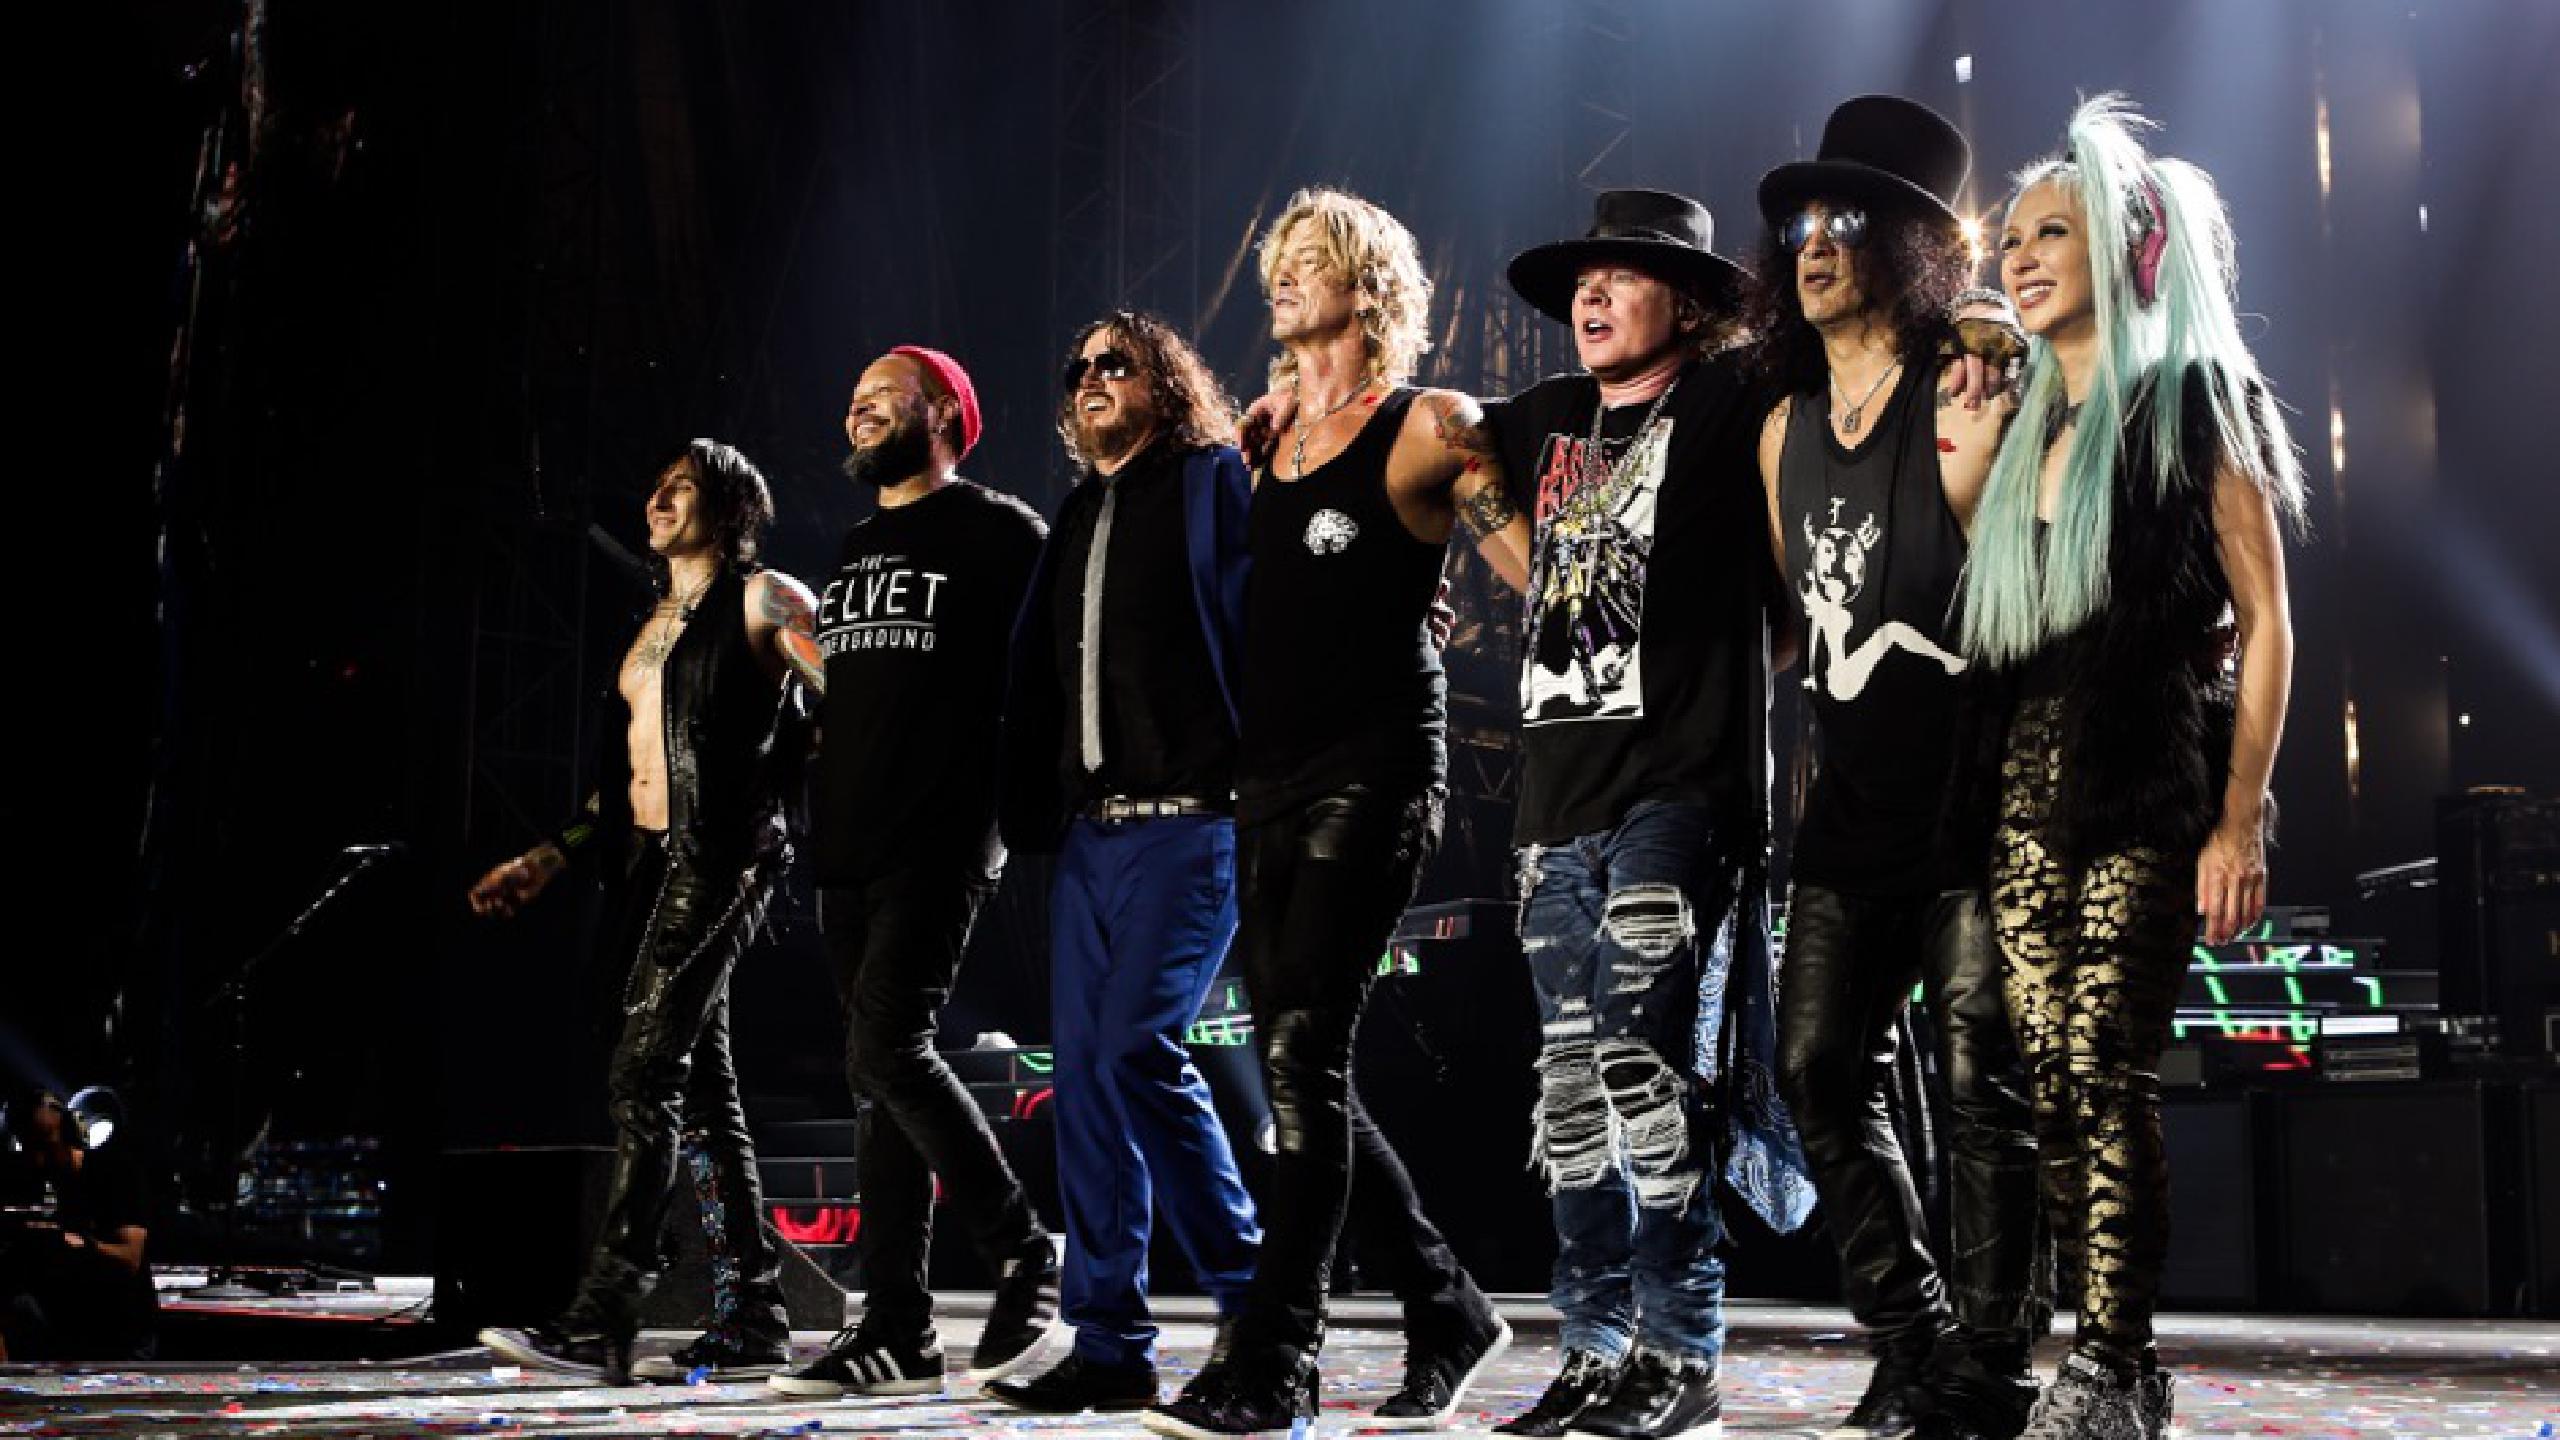 Perchè andare a vedere i Guns n' Roses al Firenze Rocks 2020